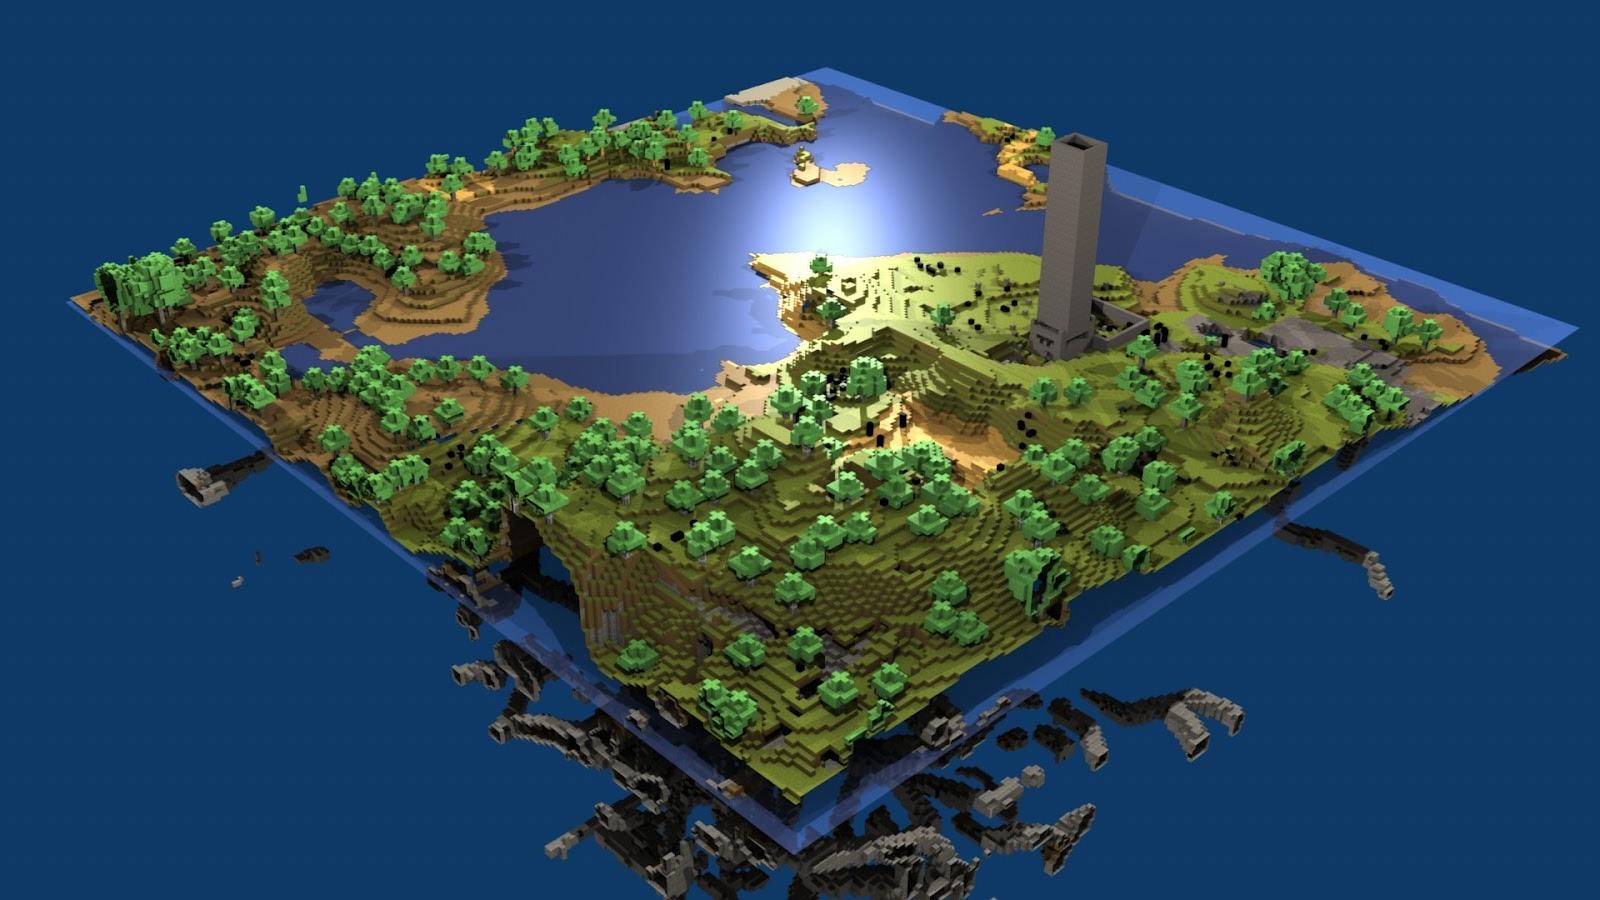 IMAGE(http://4.bp.blogspot.com/-n2iEqcP3y-0/T8NiBbn9__I/AAAAAAAAC0o/HOoRWMYG6AU/s1600/15160_minecraft+(1).jpg)